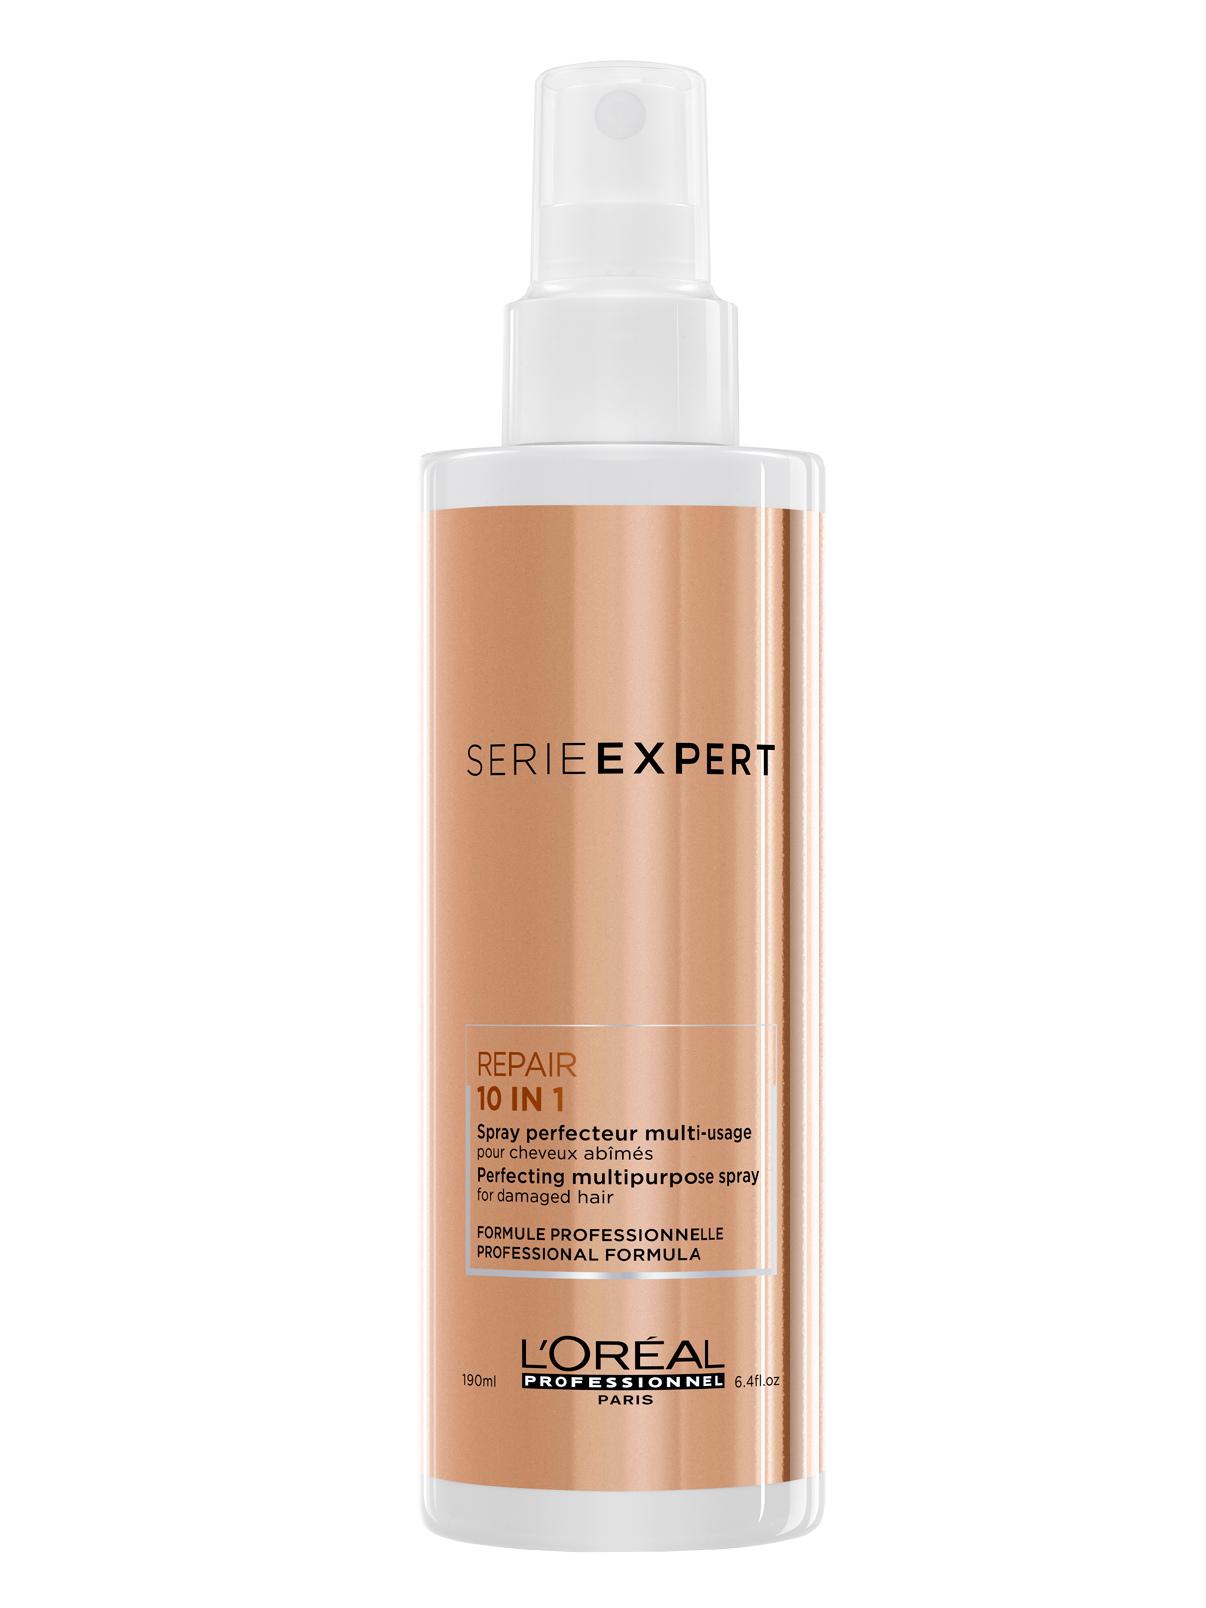 Bezoplachový sprej pro poškozené vlasy Loréal Absolut Repair 10 in 1 - 190 ml